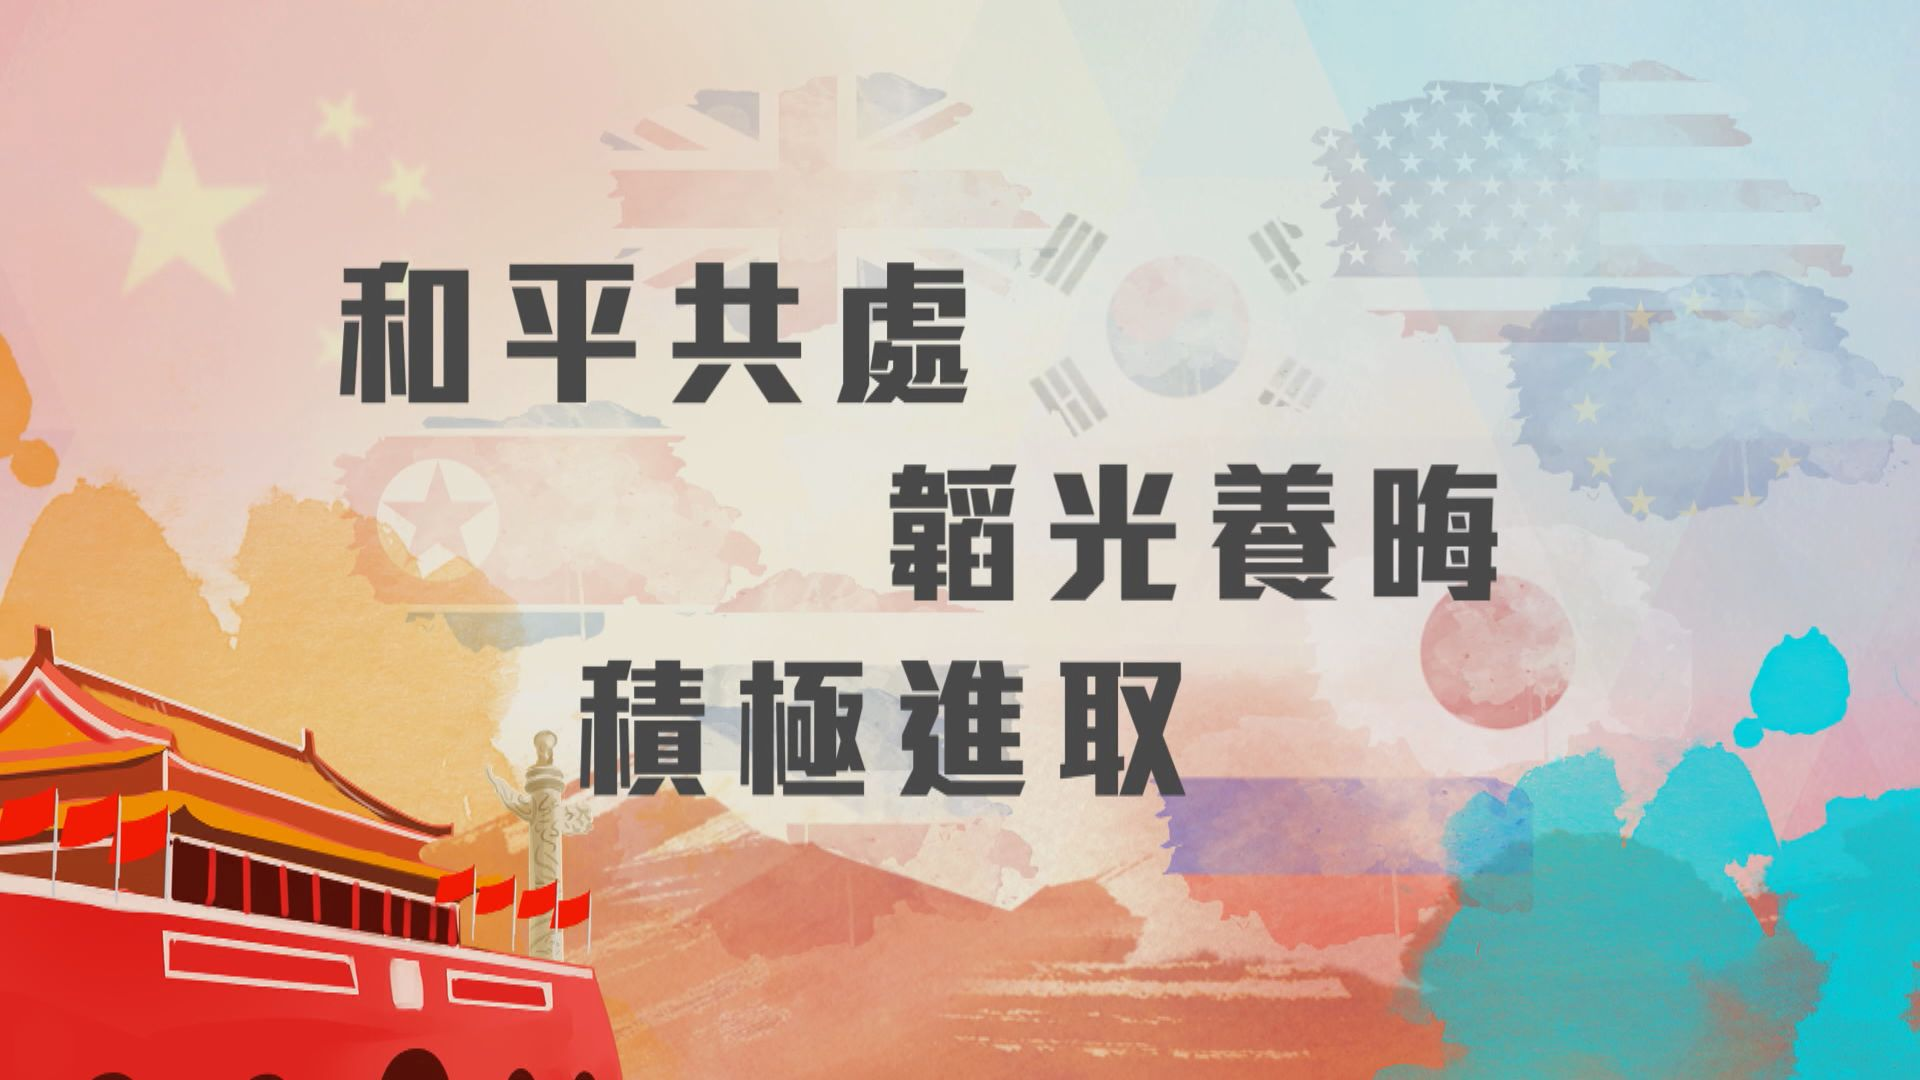 【建國70年智庫】從和平共處韜光養晦至積極進取 中國外交幾番轉變